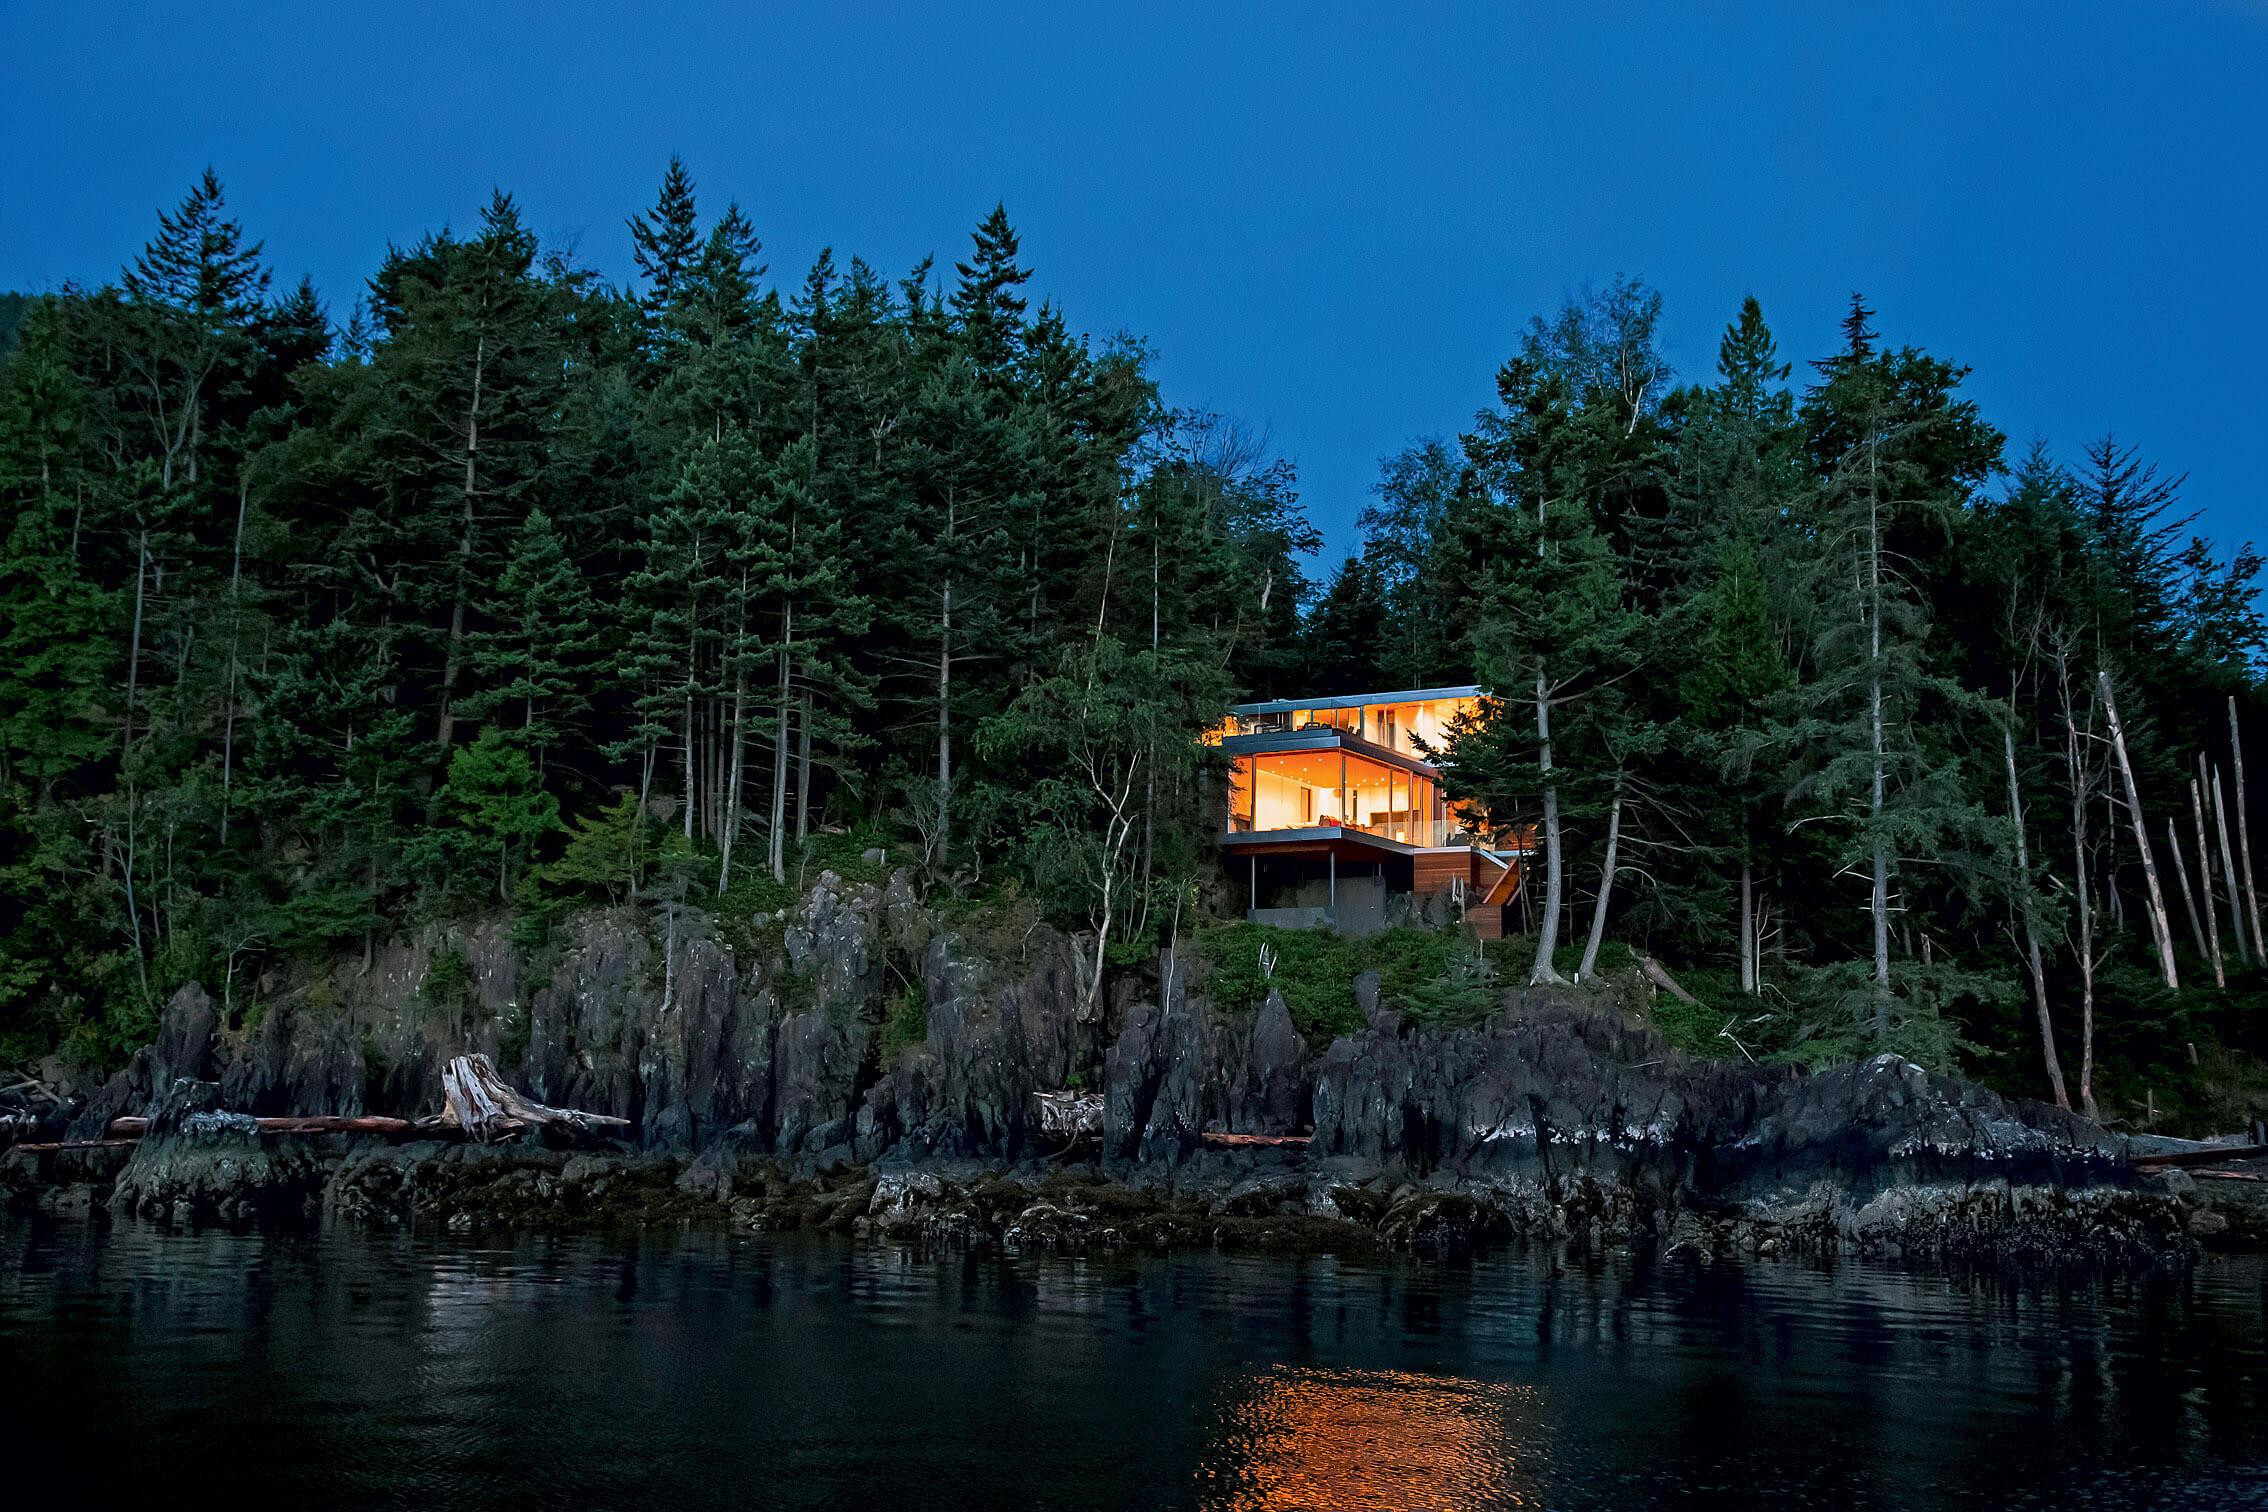 купить остров с домом и условиями